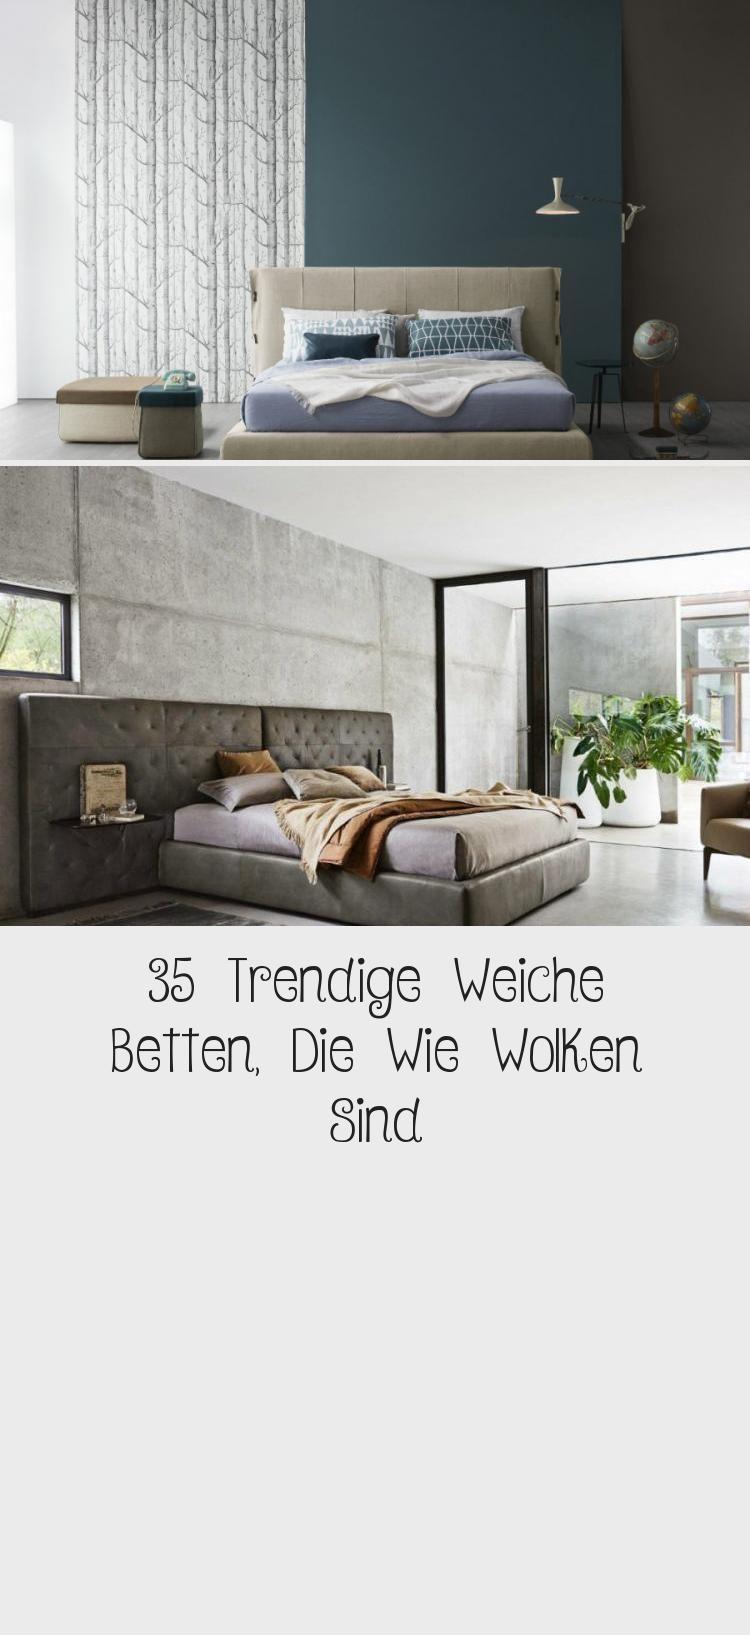 35 Trendige Weiche Betten Die Wie Wolken Sind Bettenkirchhoff